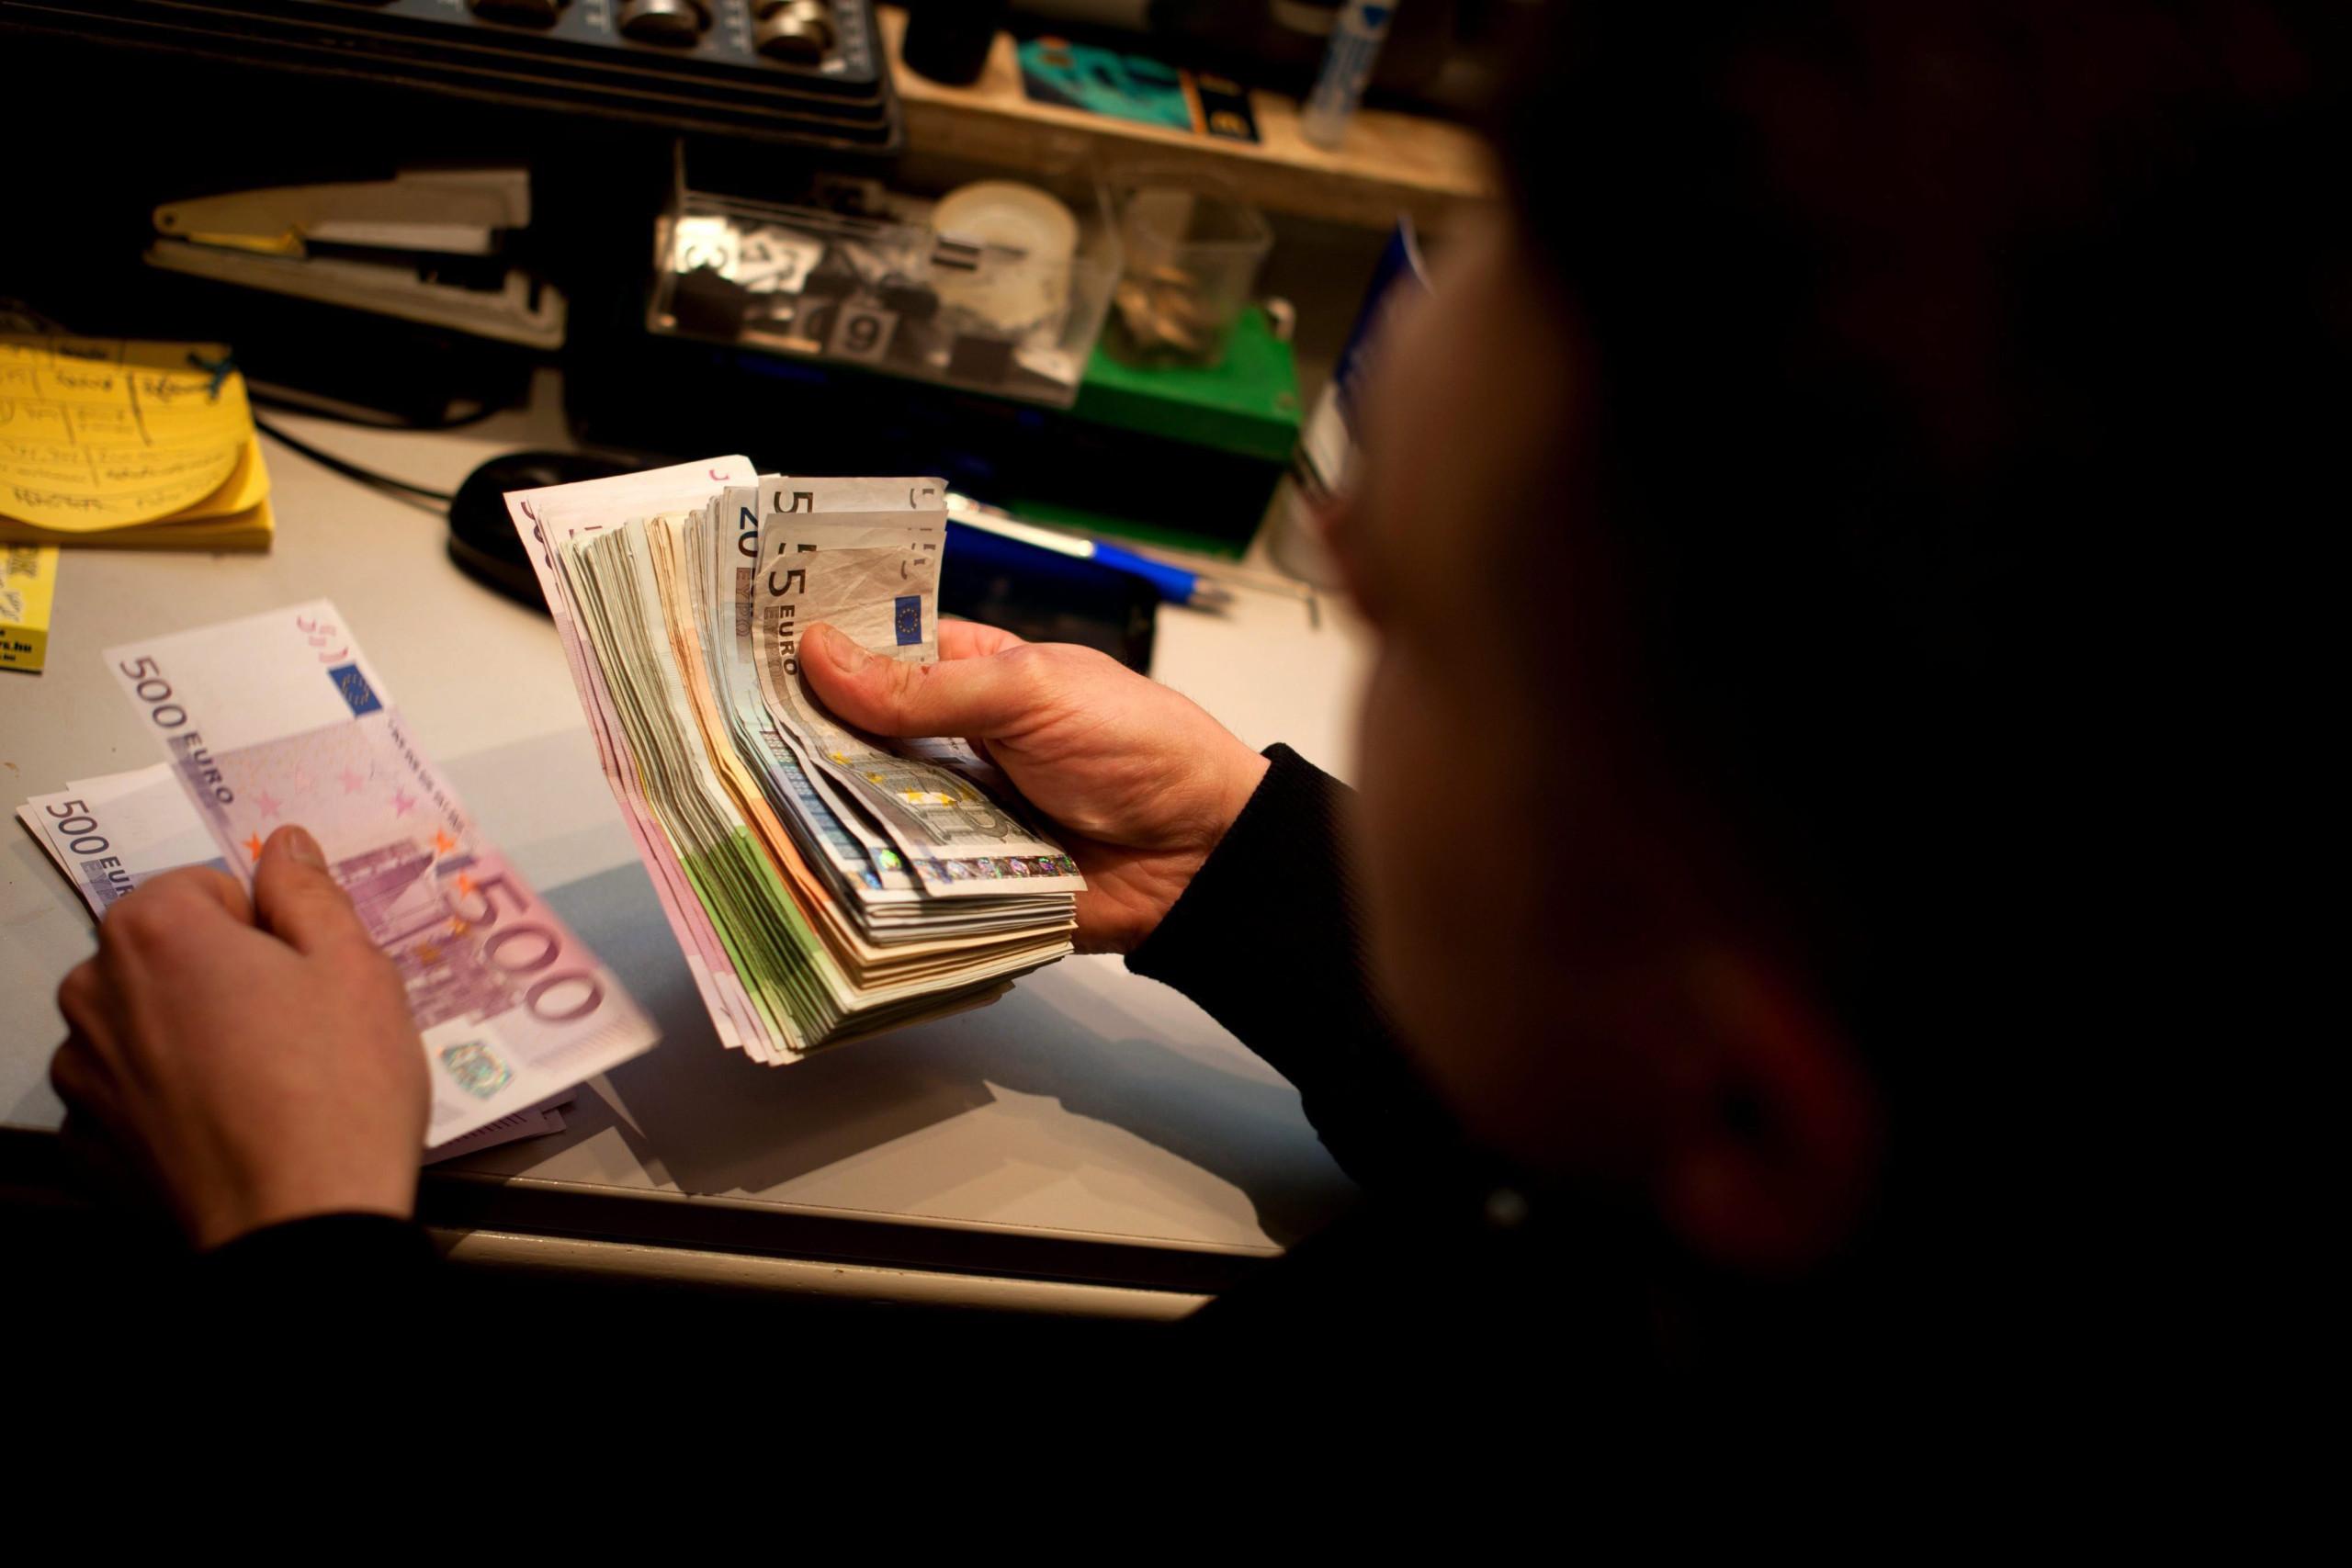 Contas de serviços mínimos bancários aumentaram 33% em 2018